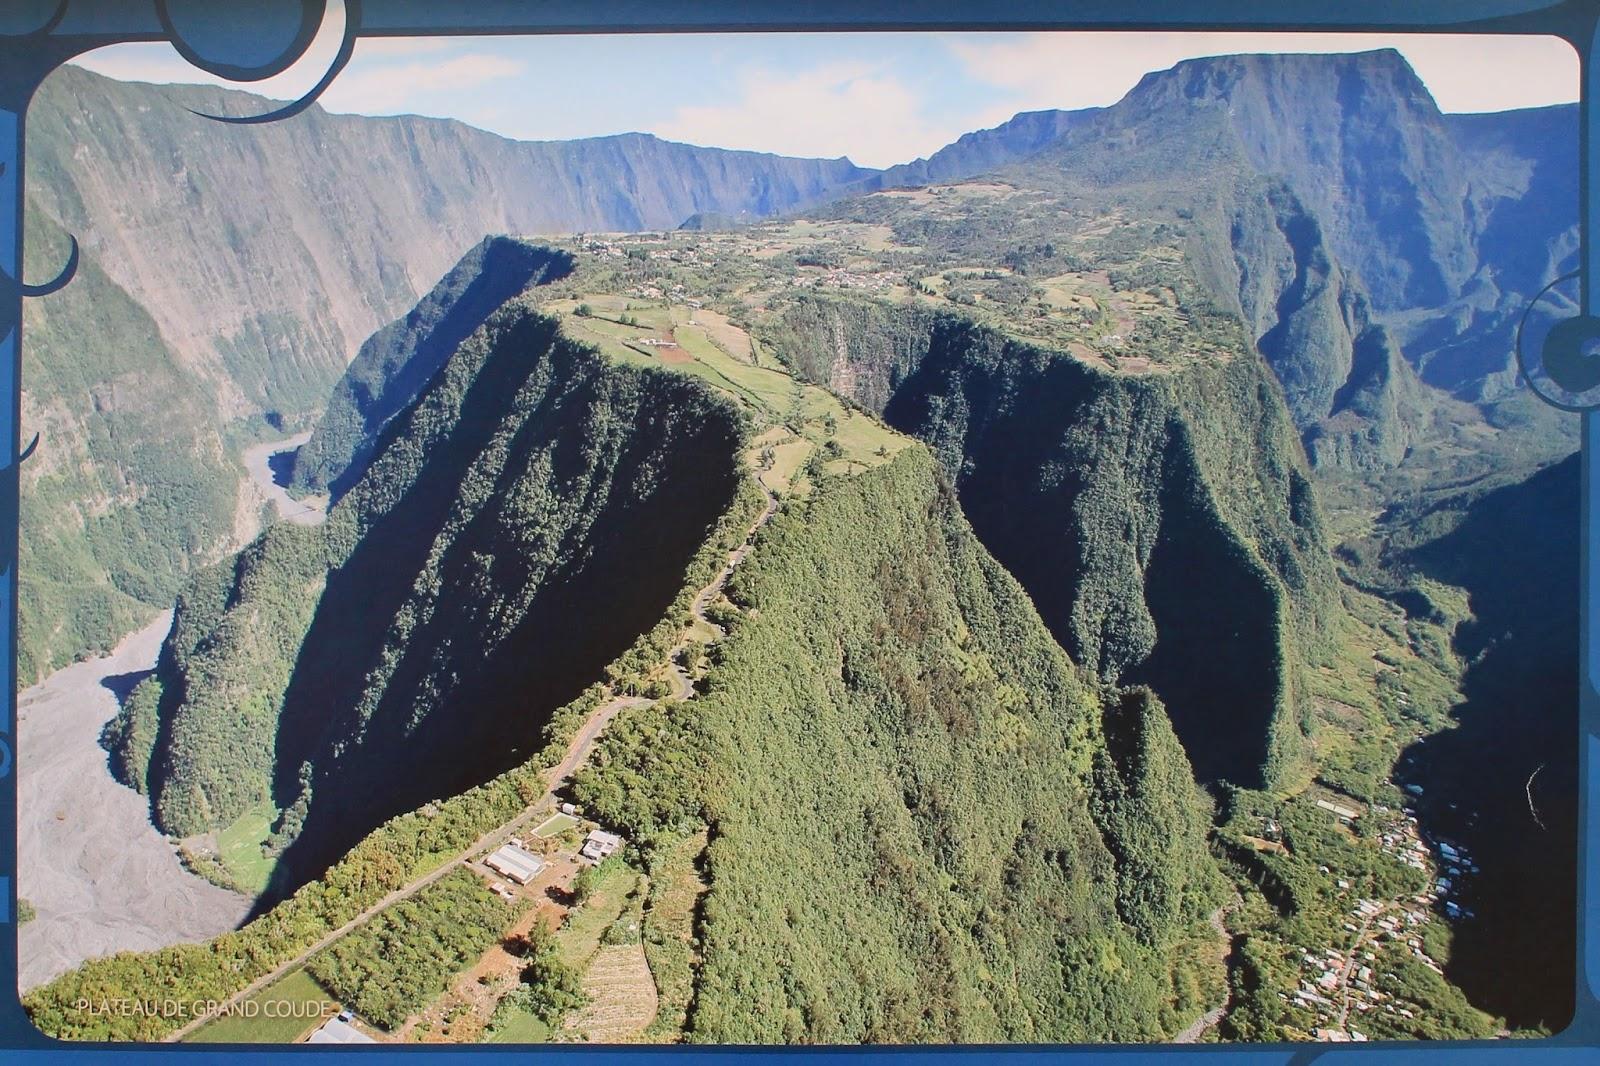 réunion île gotoreunion labyrinthe en champ thé tea grand coude visite à faire jumbocar irt tourisme 974 vue panorama montagne route